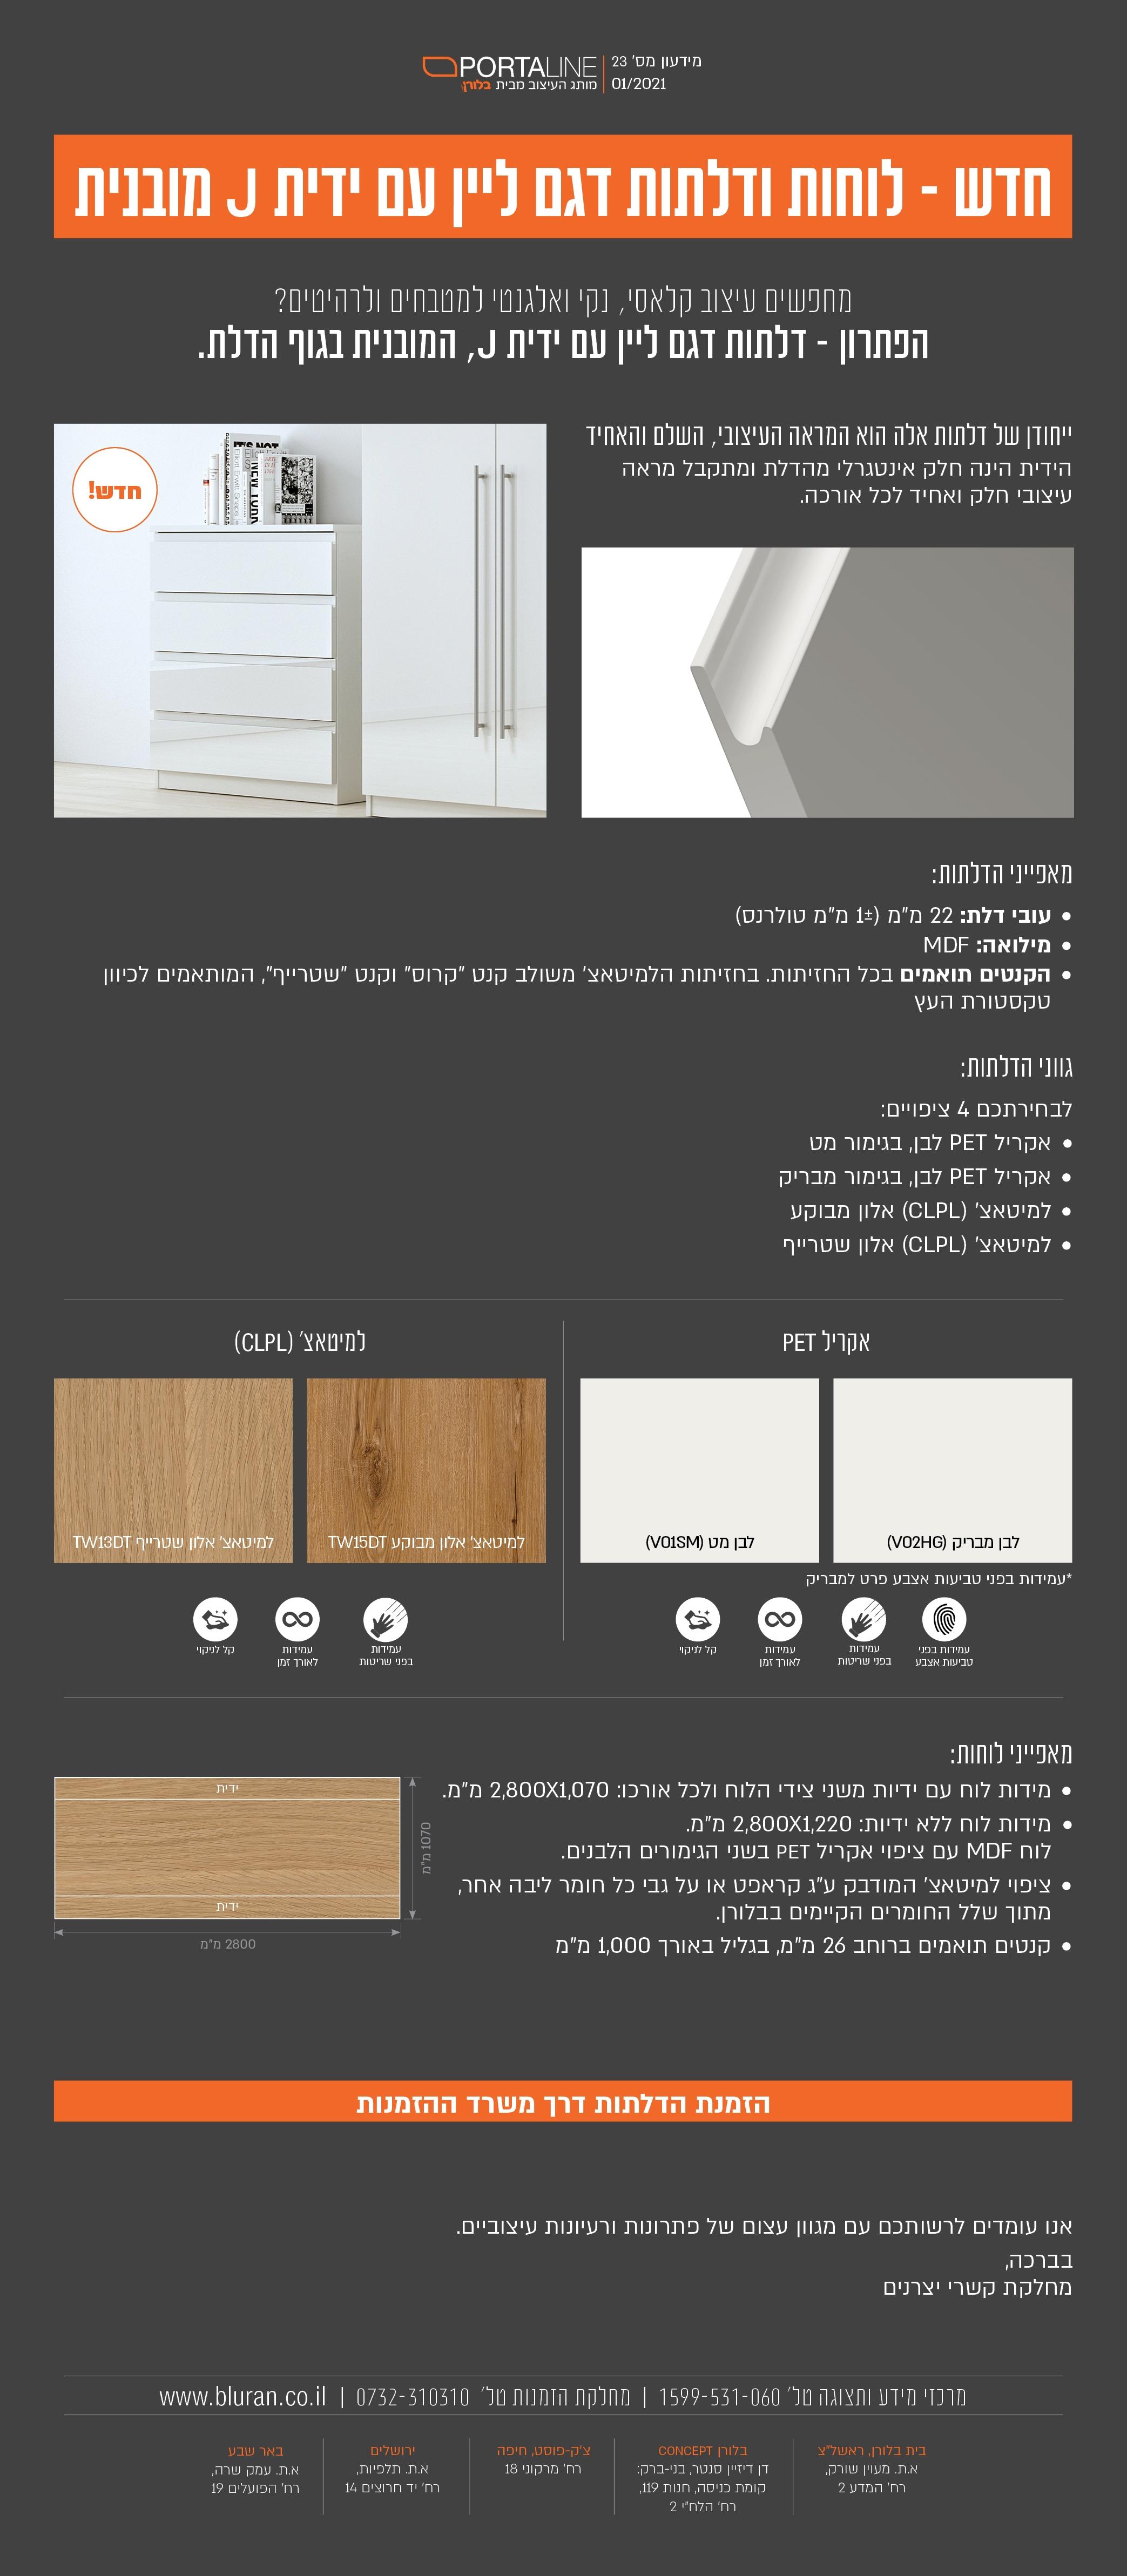 חדש : לוחות ודלתות דגם ליין עם ידית J מובנית